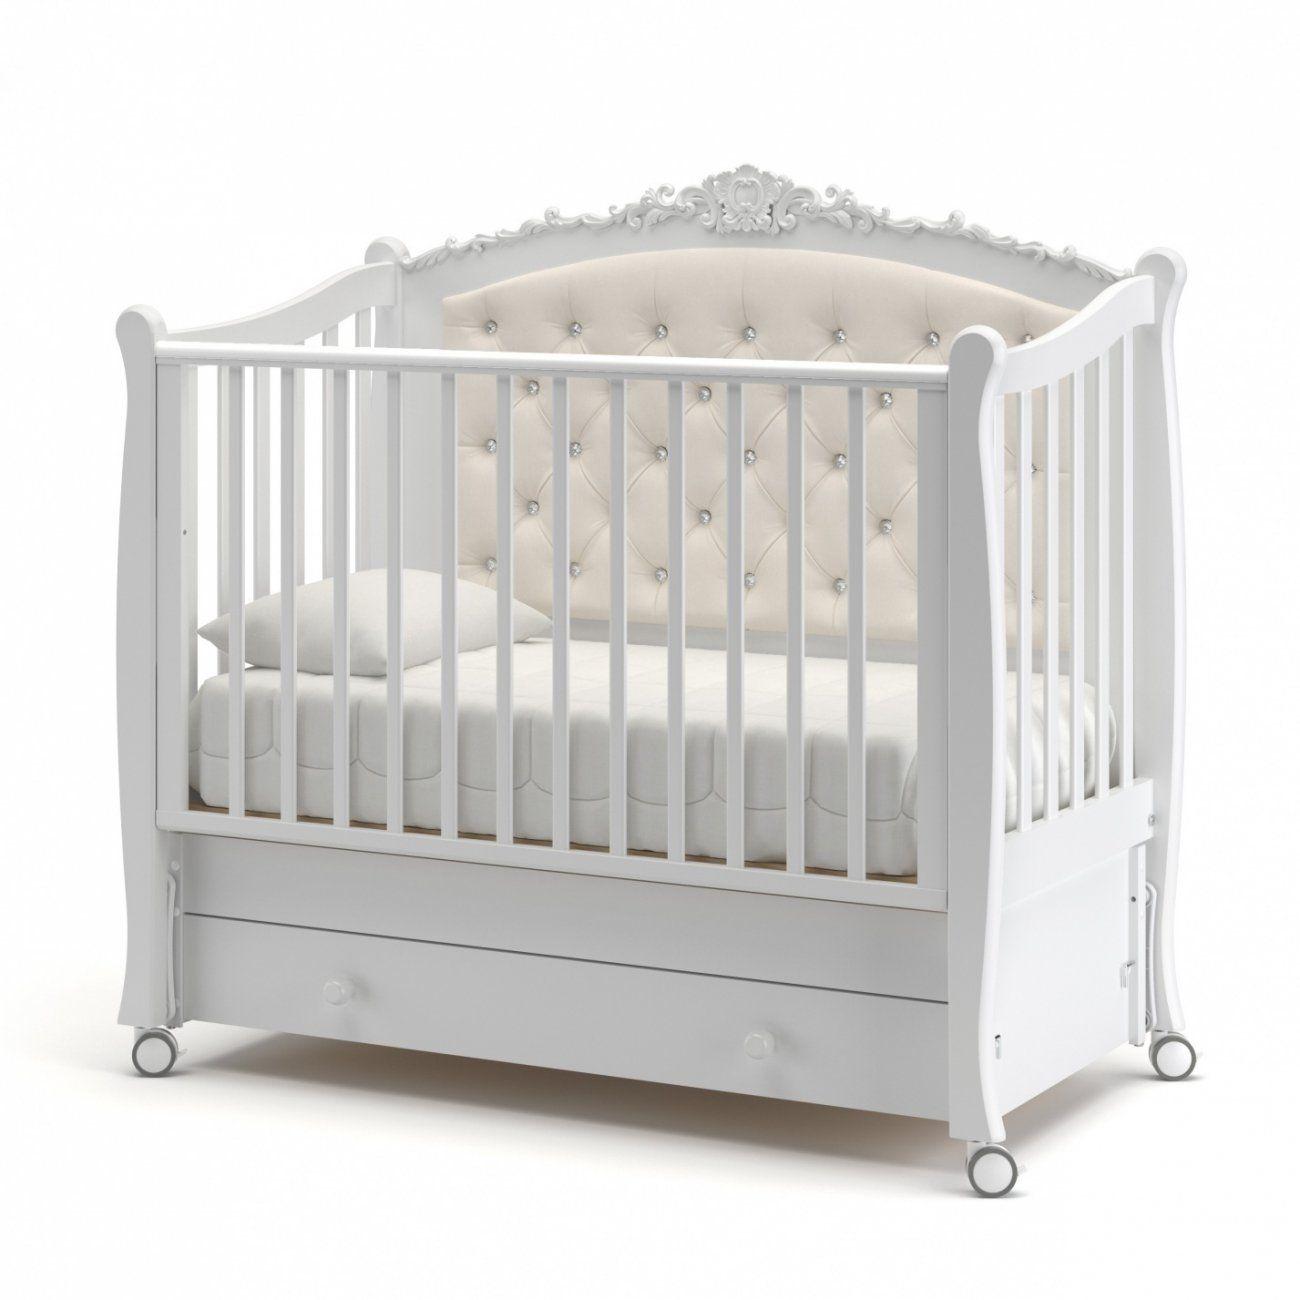 Гандылян Жаннет New детская кроватка с продольным маятником бук